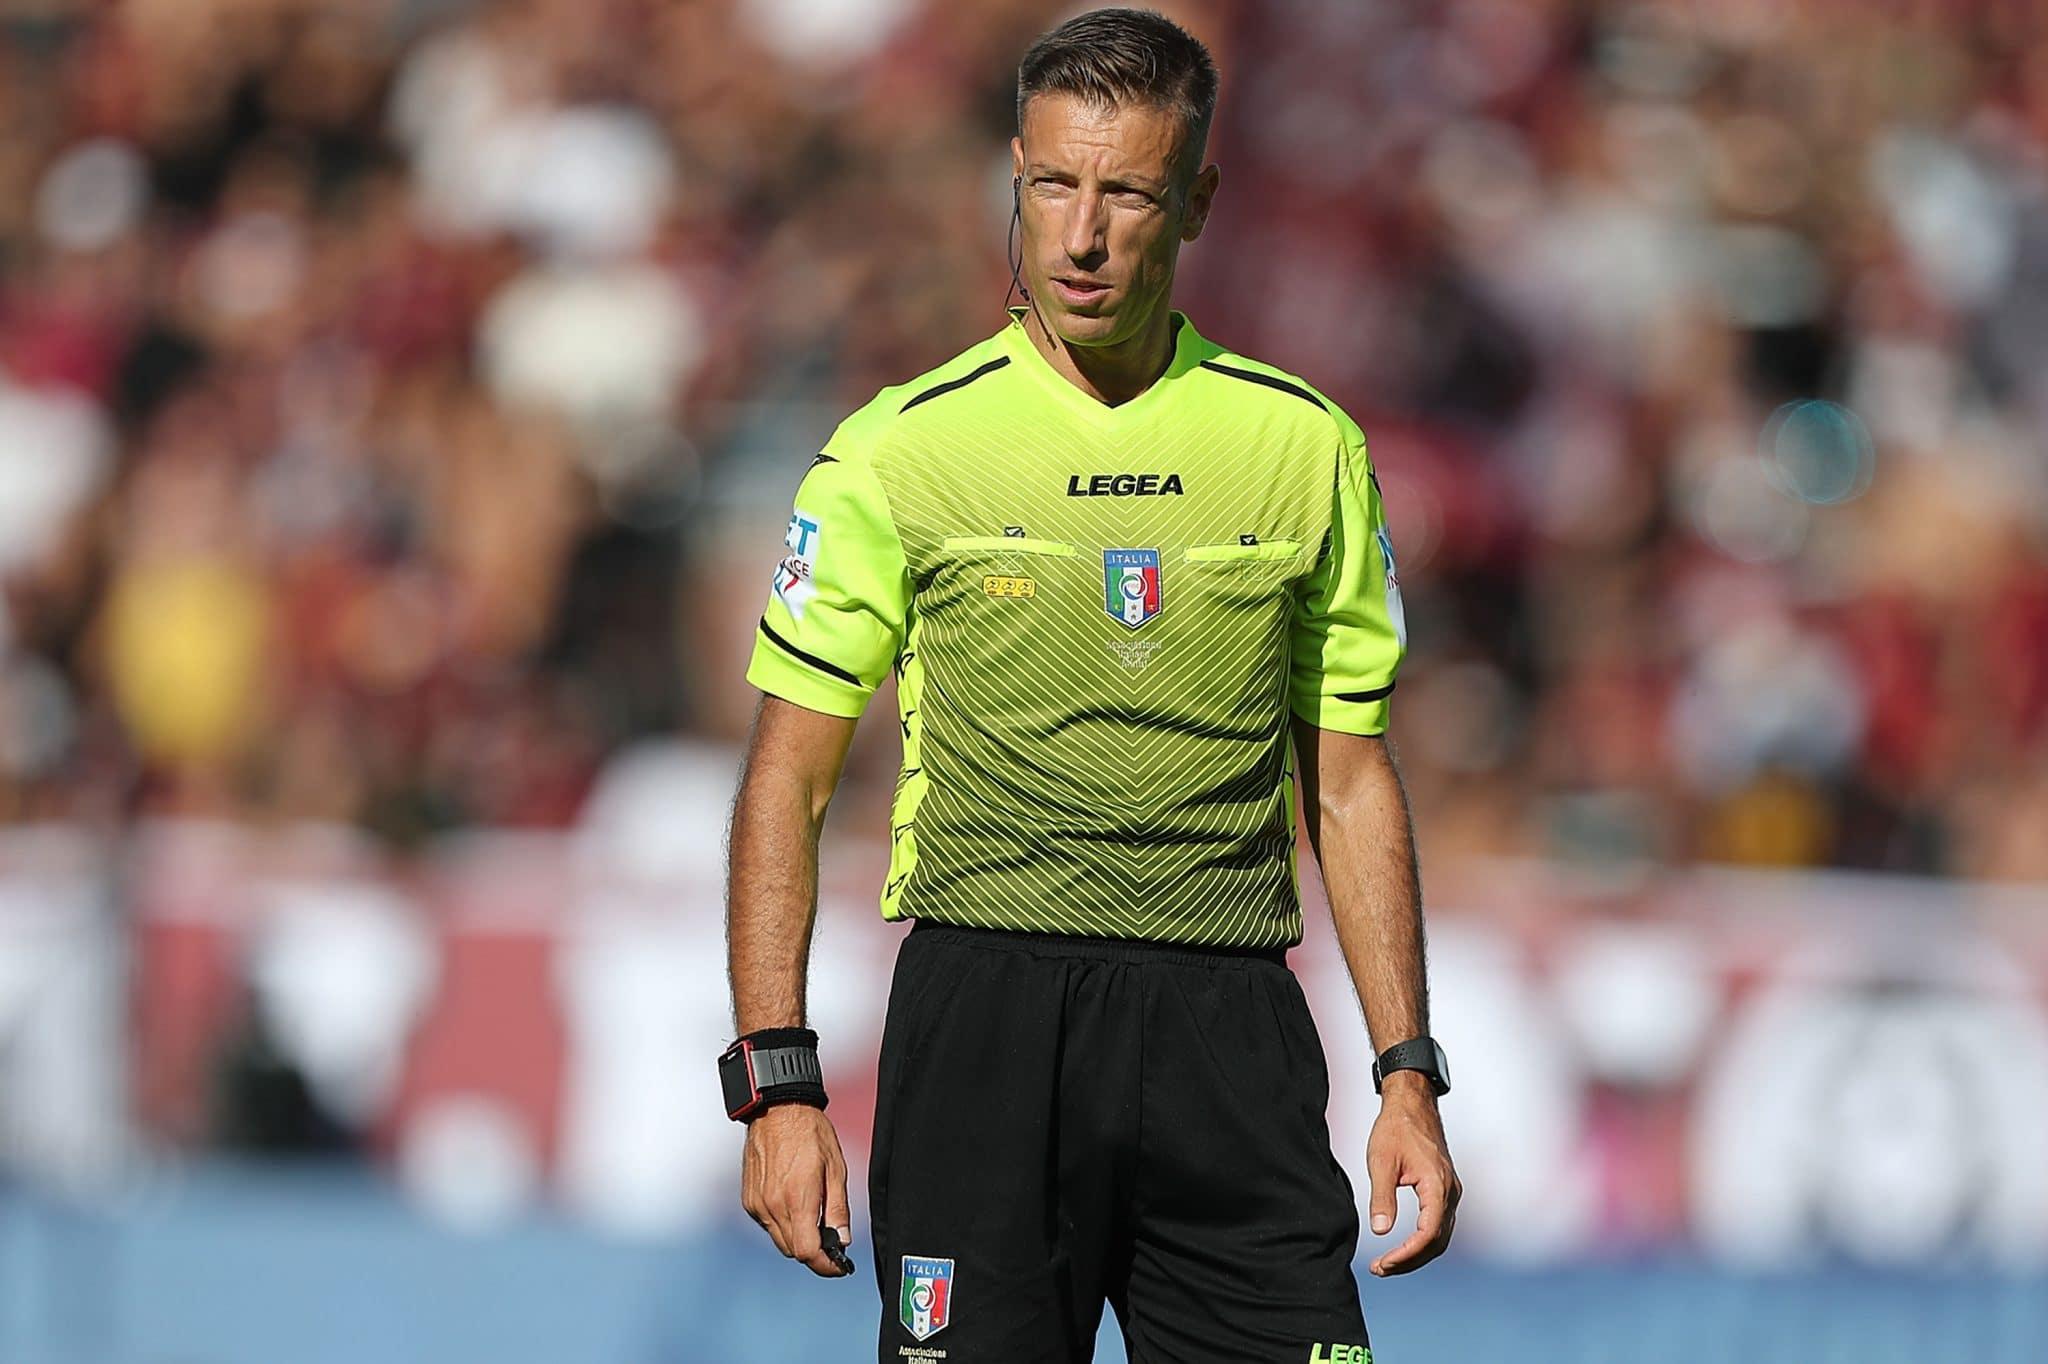 LA SPEZIA, ITALY - OCTOBER 16: Davide Massa referee during the Serie A match between Spezia Calcio and US Salernitana at Stadio Alberto Picco on October 16, 2021 in La Spezia, Italy.  (Photo by Gabriele Maltinti/Getty Images)